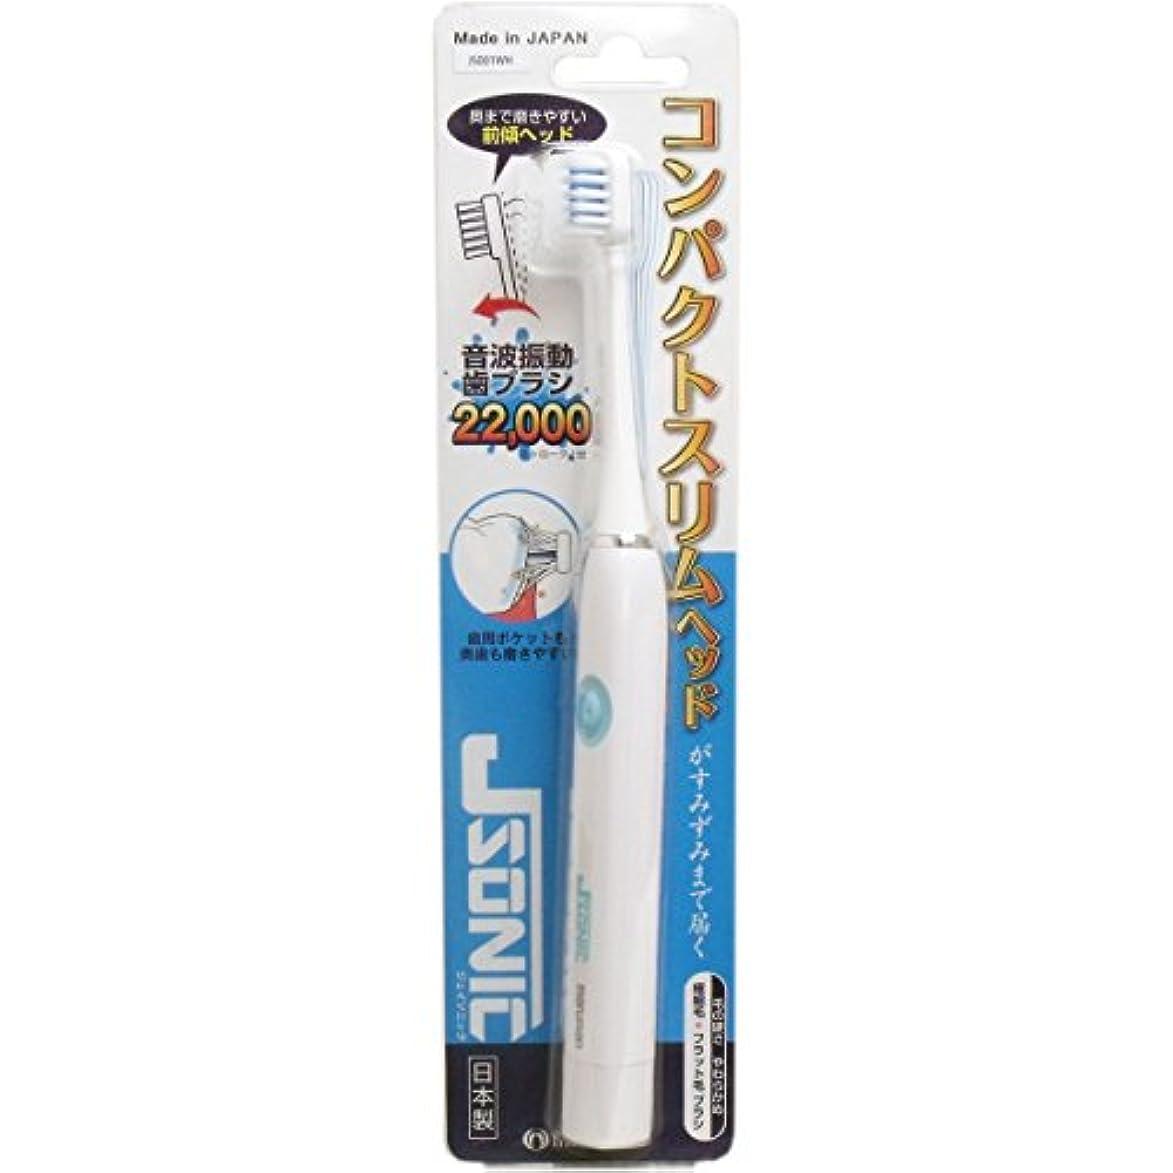 プログレッシブ累計使役ジェイソニック 音波振動歯ブラシ コンパクトスリムヘッド ホワイト